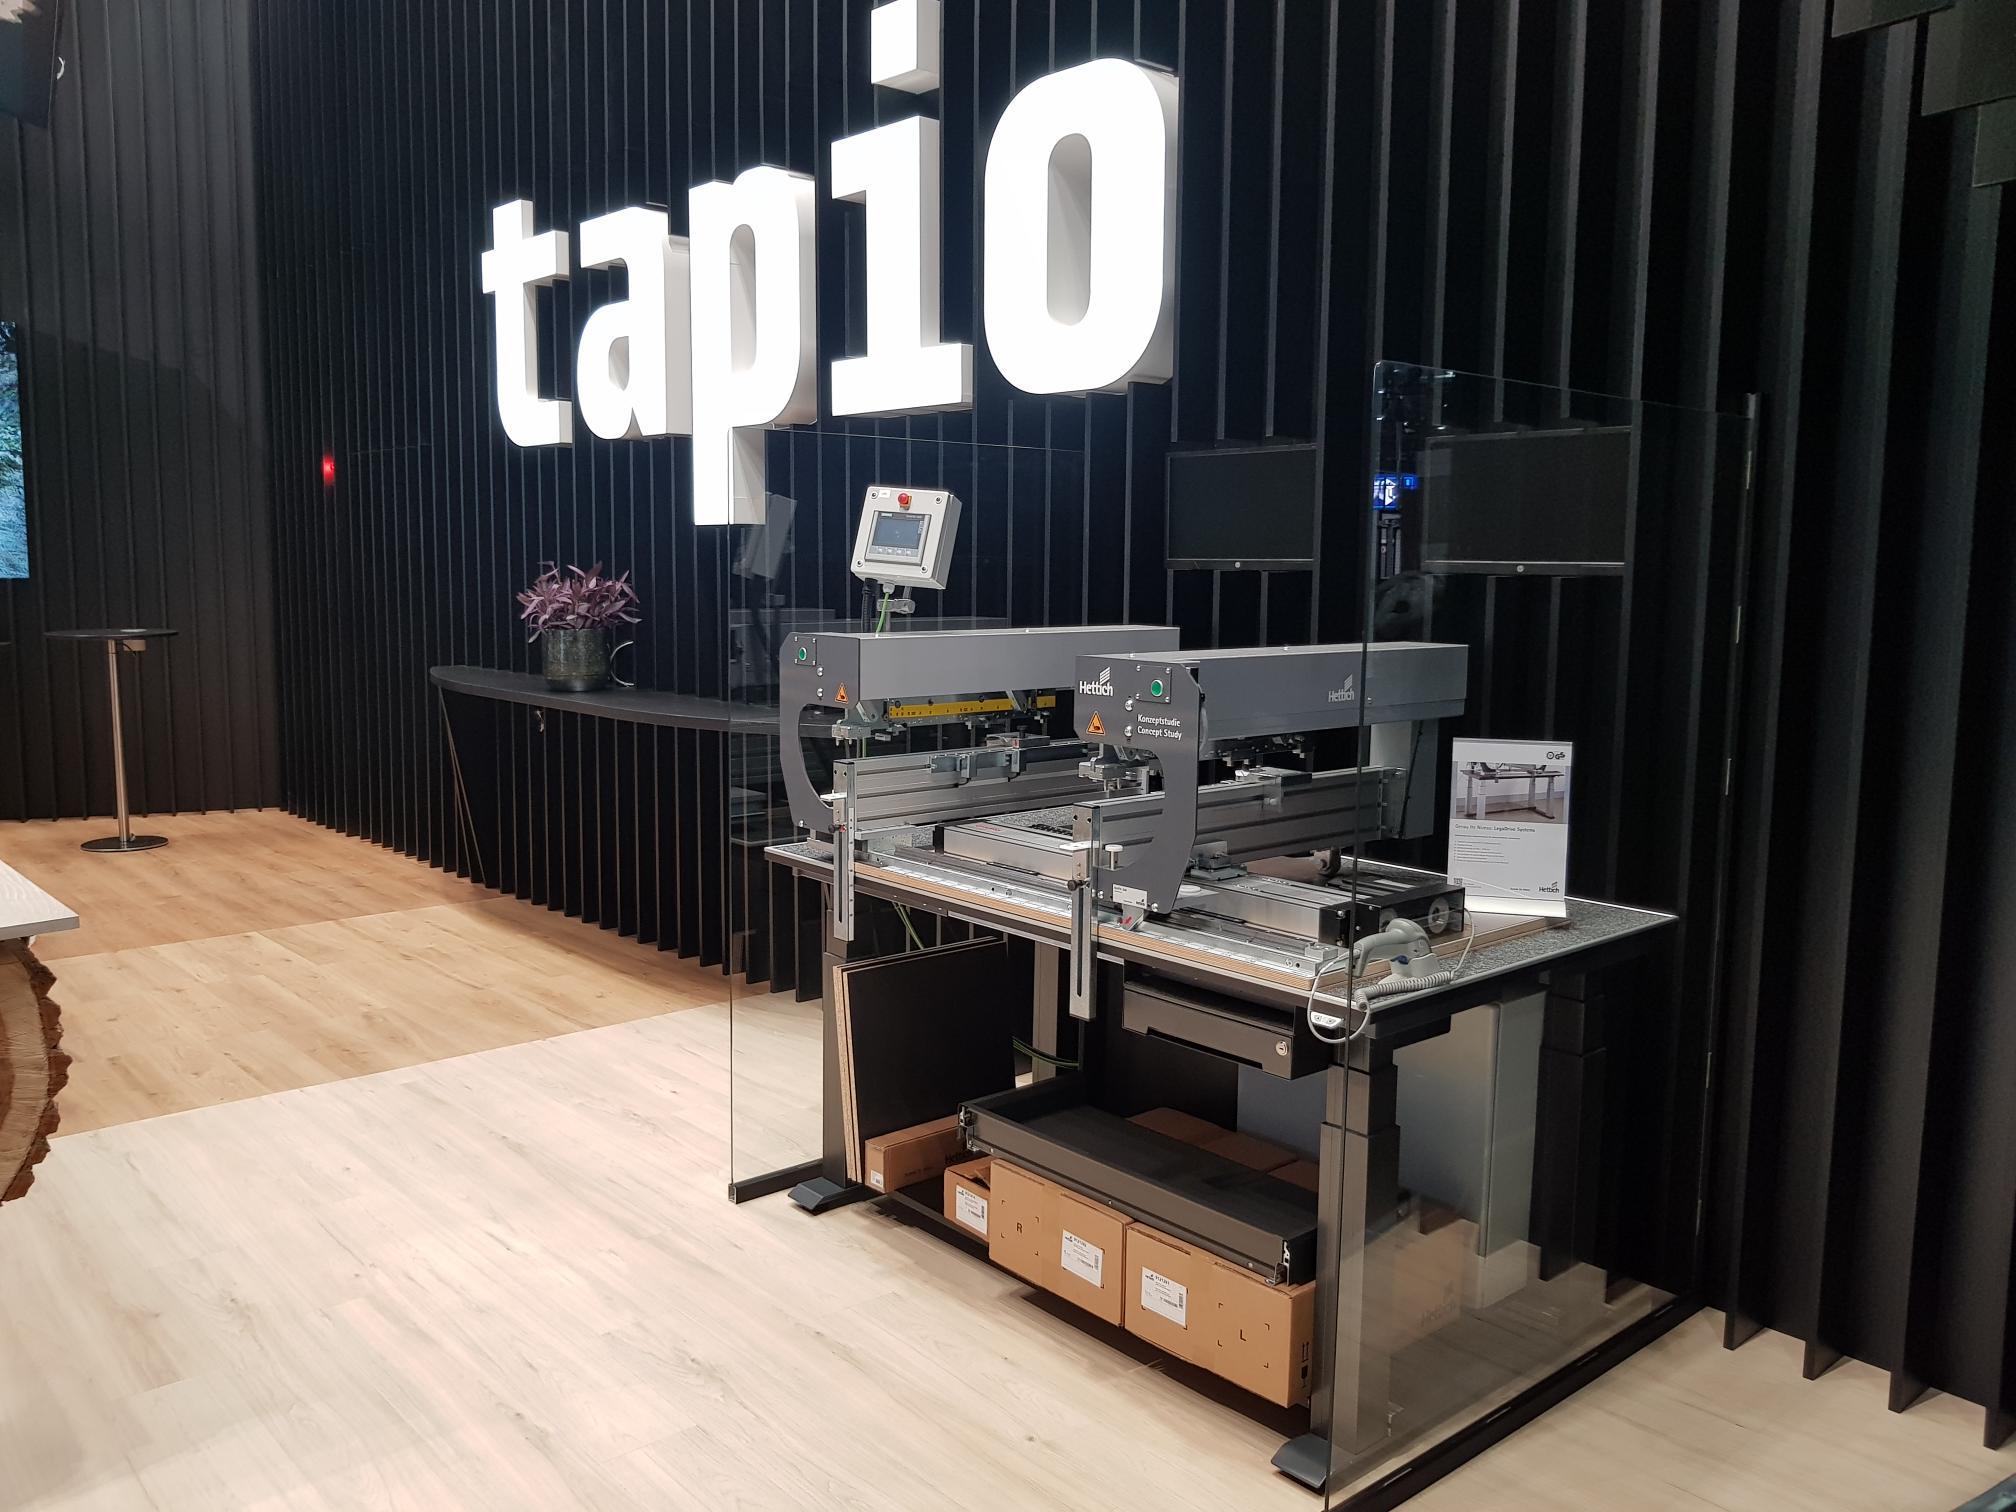 Tapio @ Ligna 2019